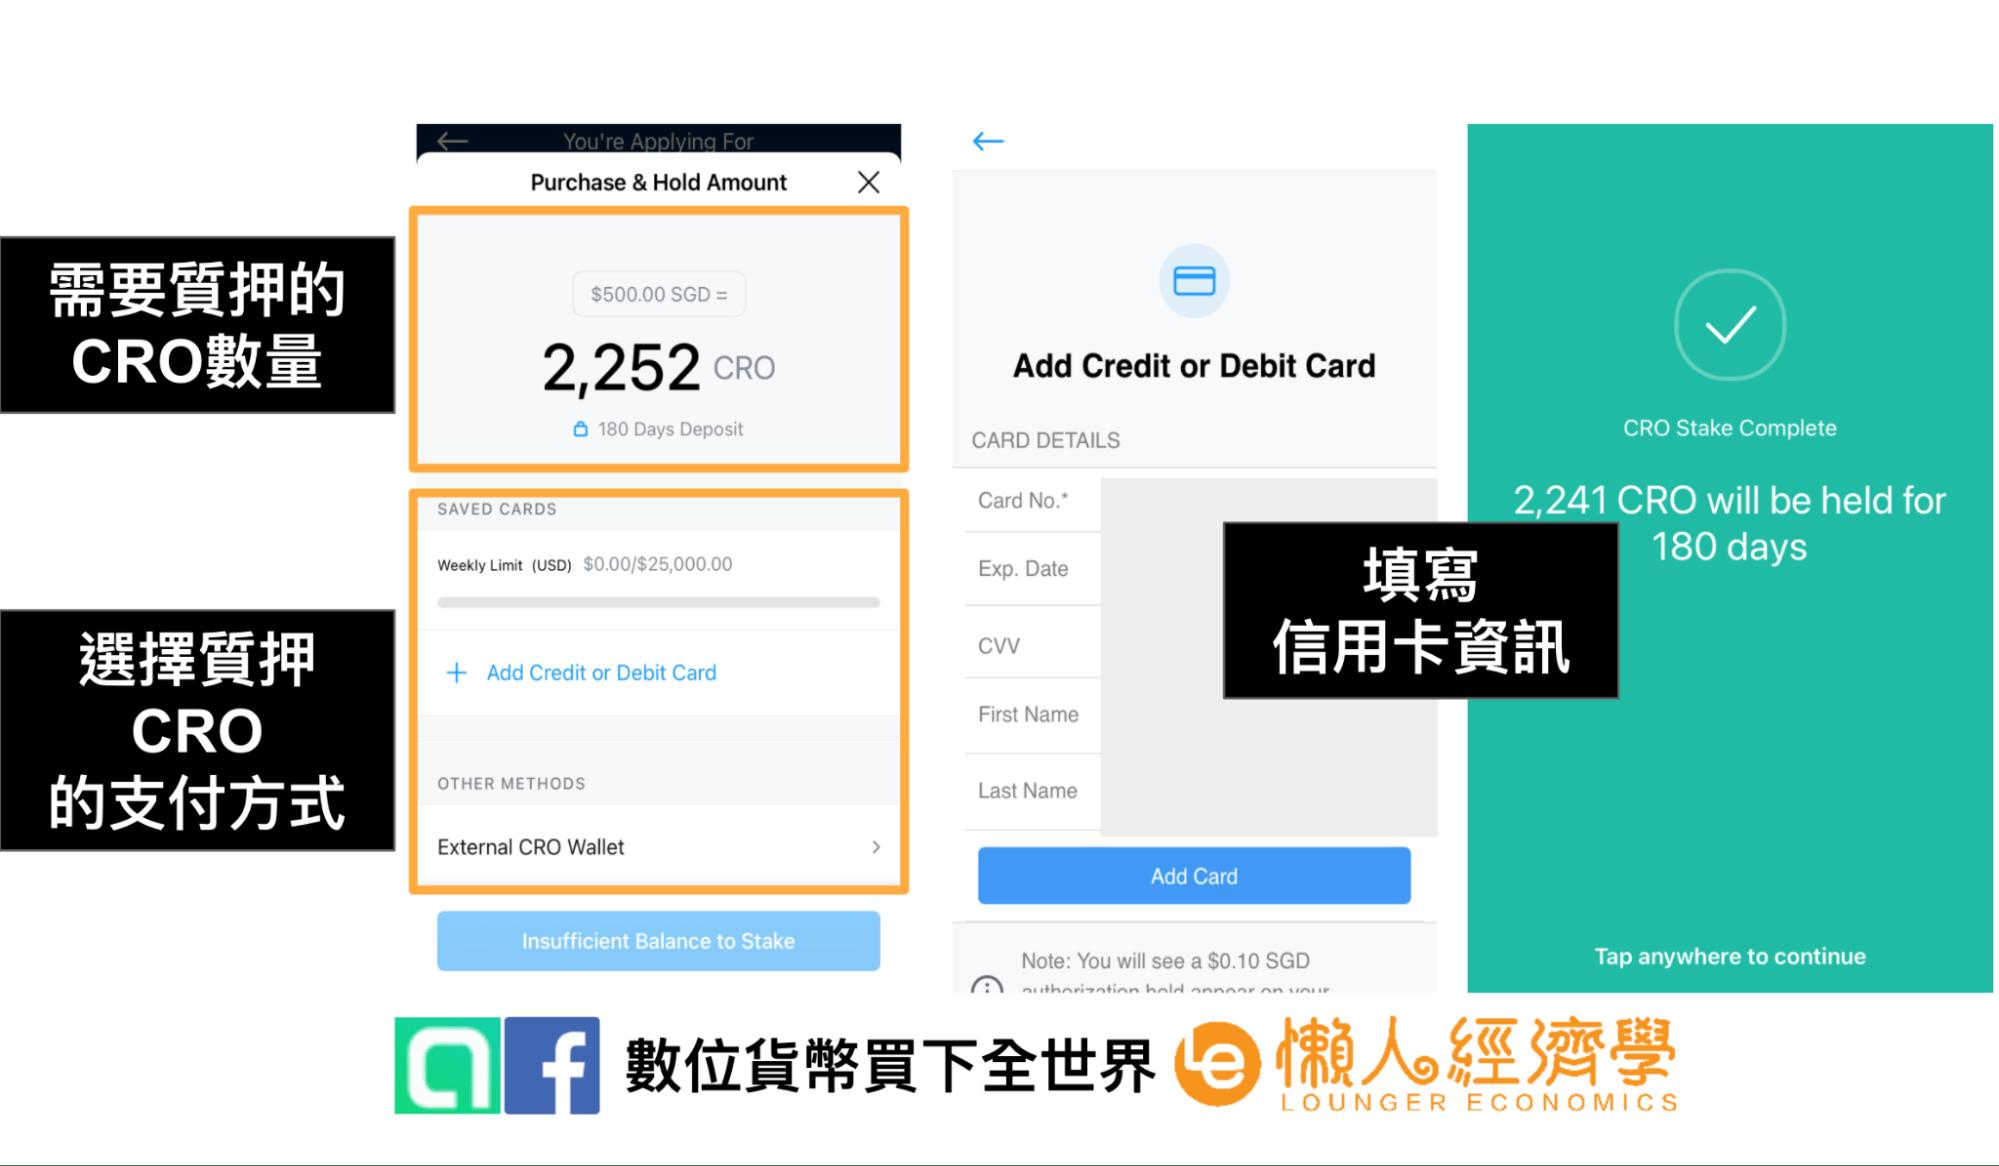 CRO金融卡申辦教學:step 4.確認CRO質押金額,選擇CRO質押方式